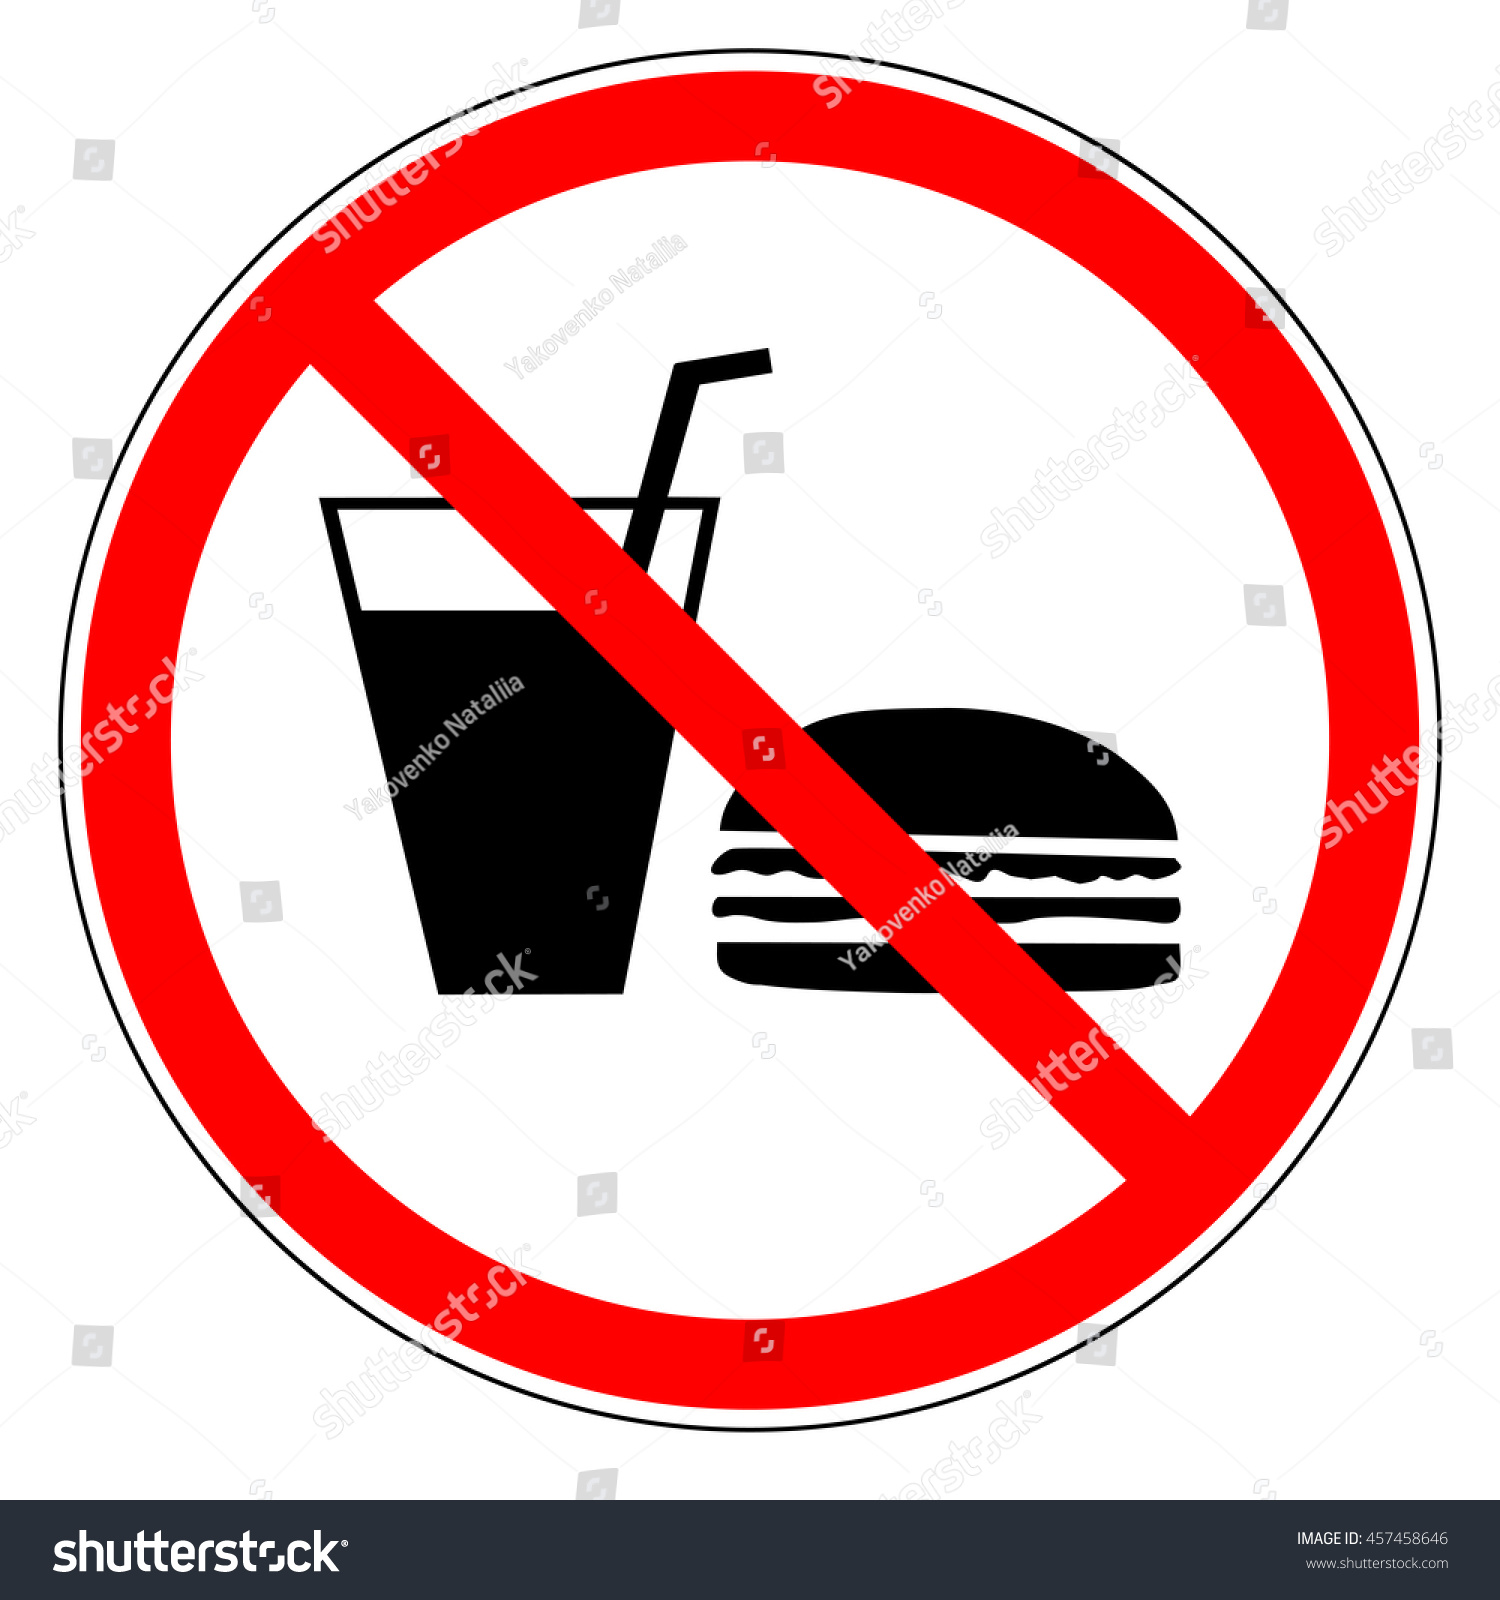 do not eat drinks sign red stock vector 457458646 shutterstock